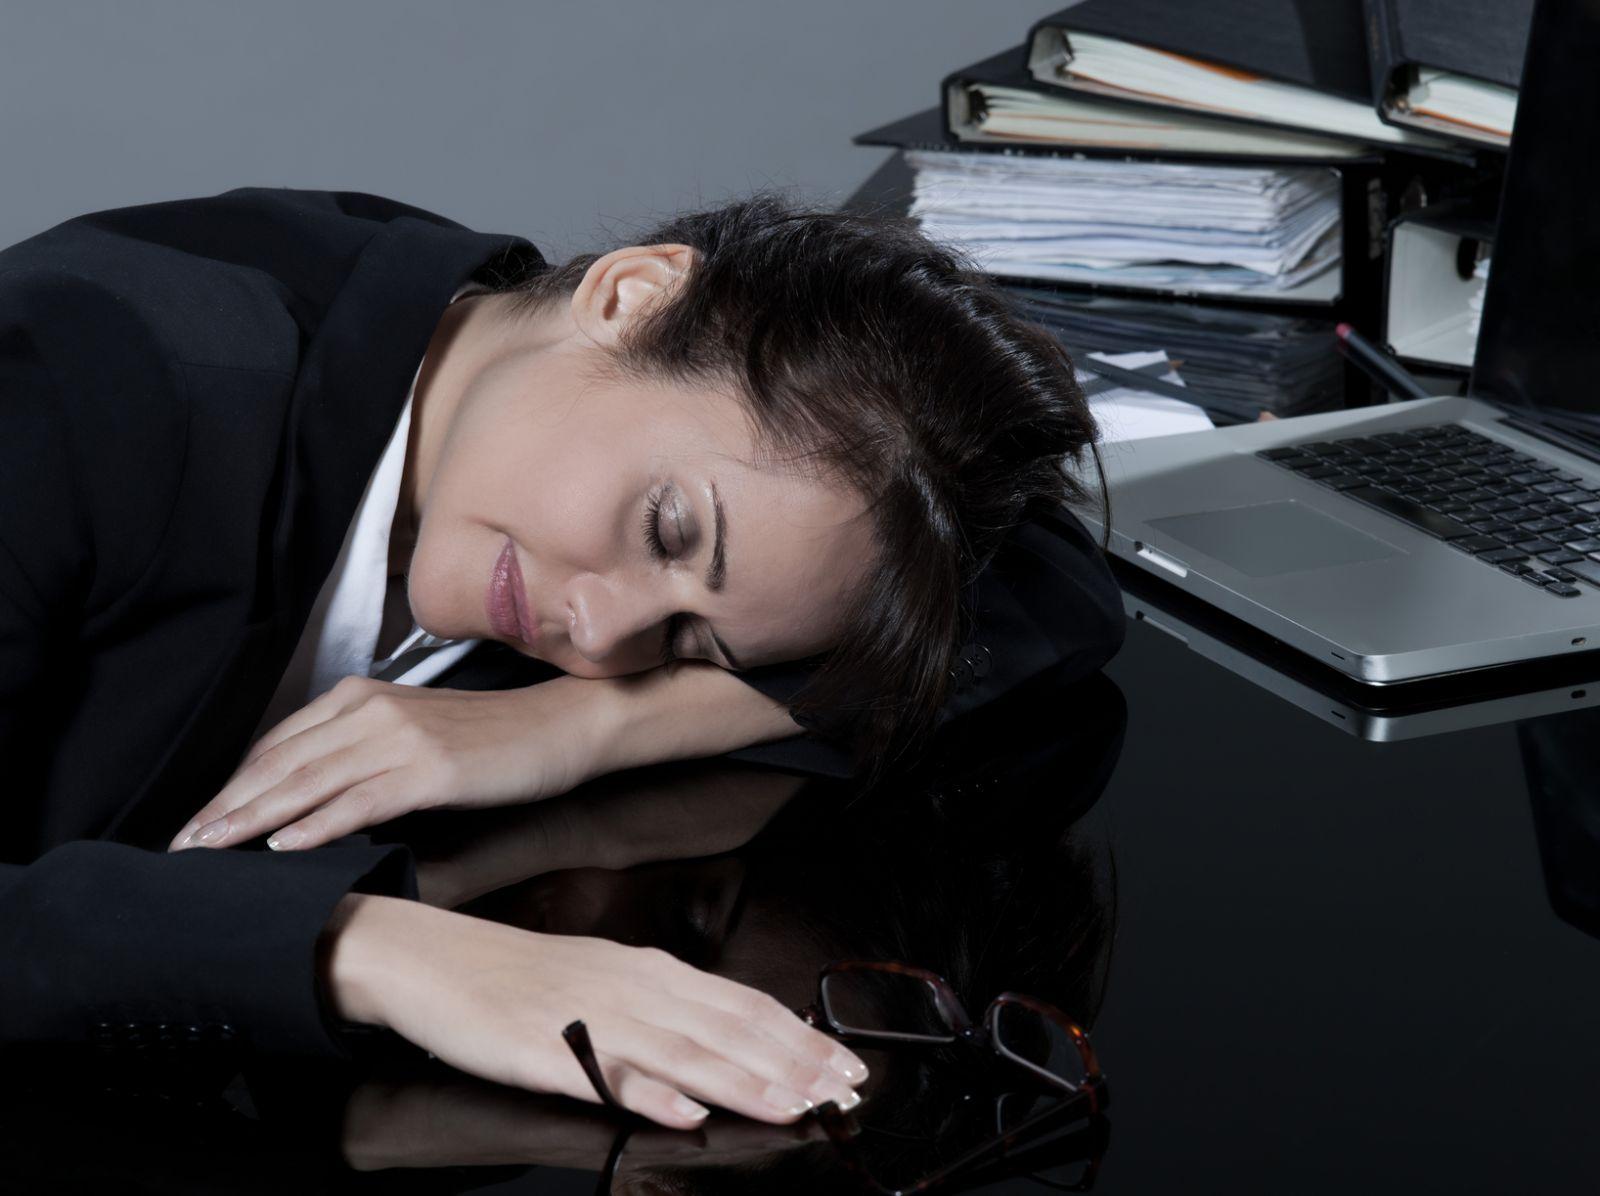 Кто такой секретарь: 6 мифов о девушке в приемной - фото №3